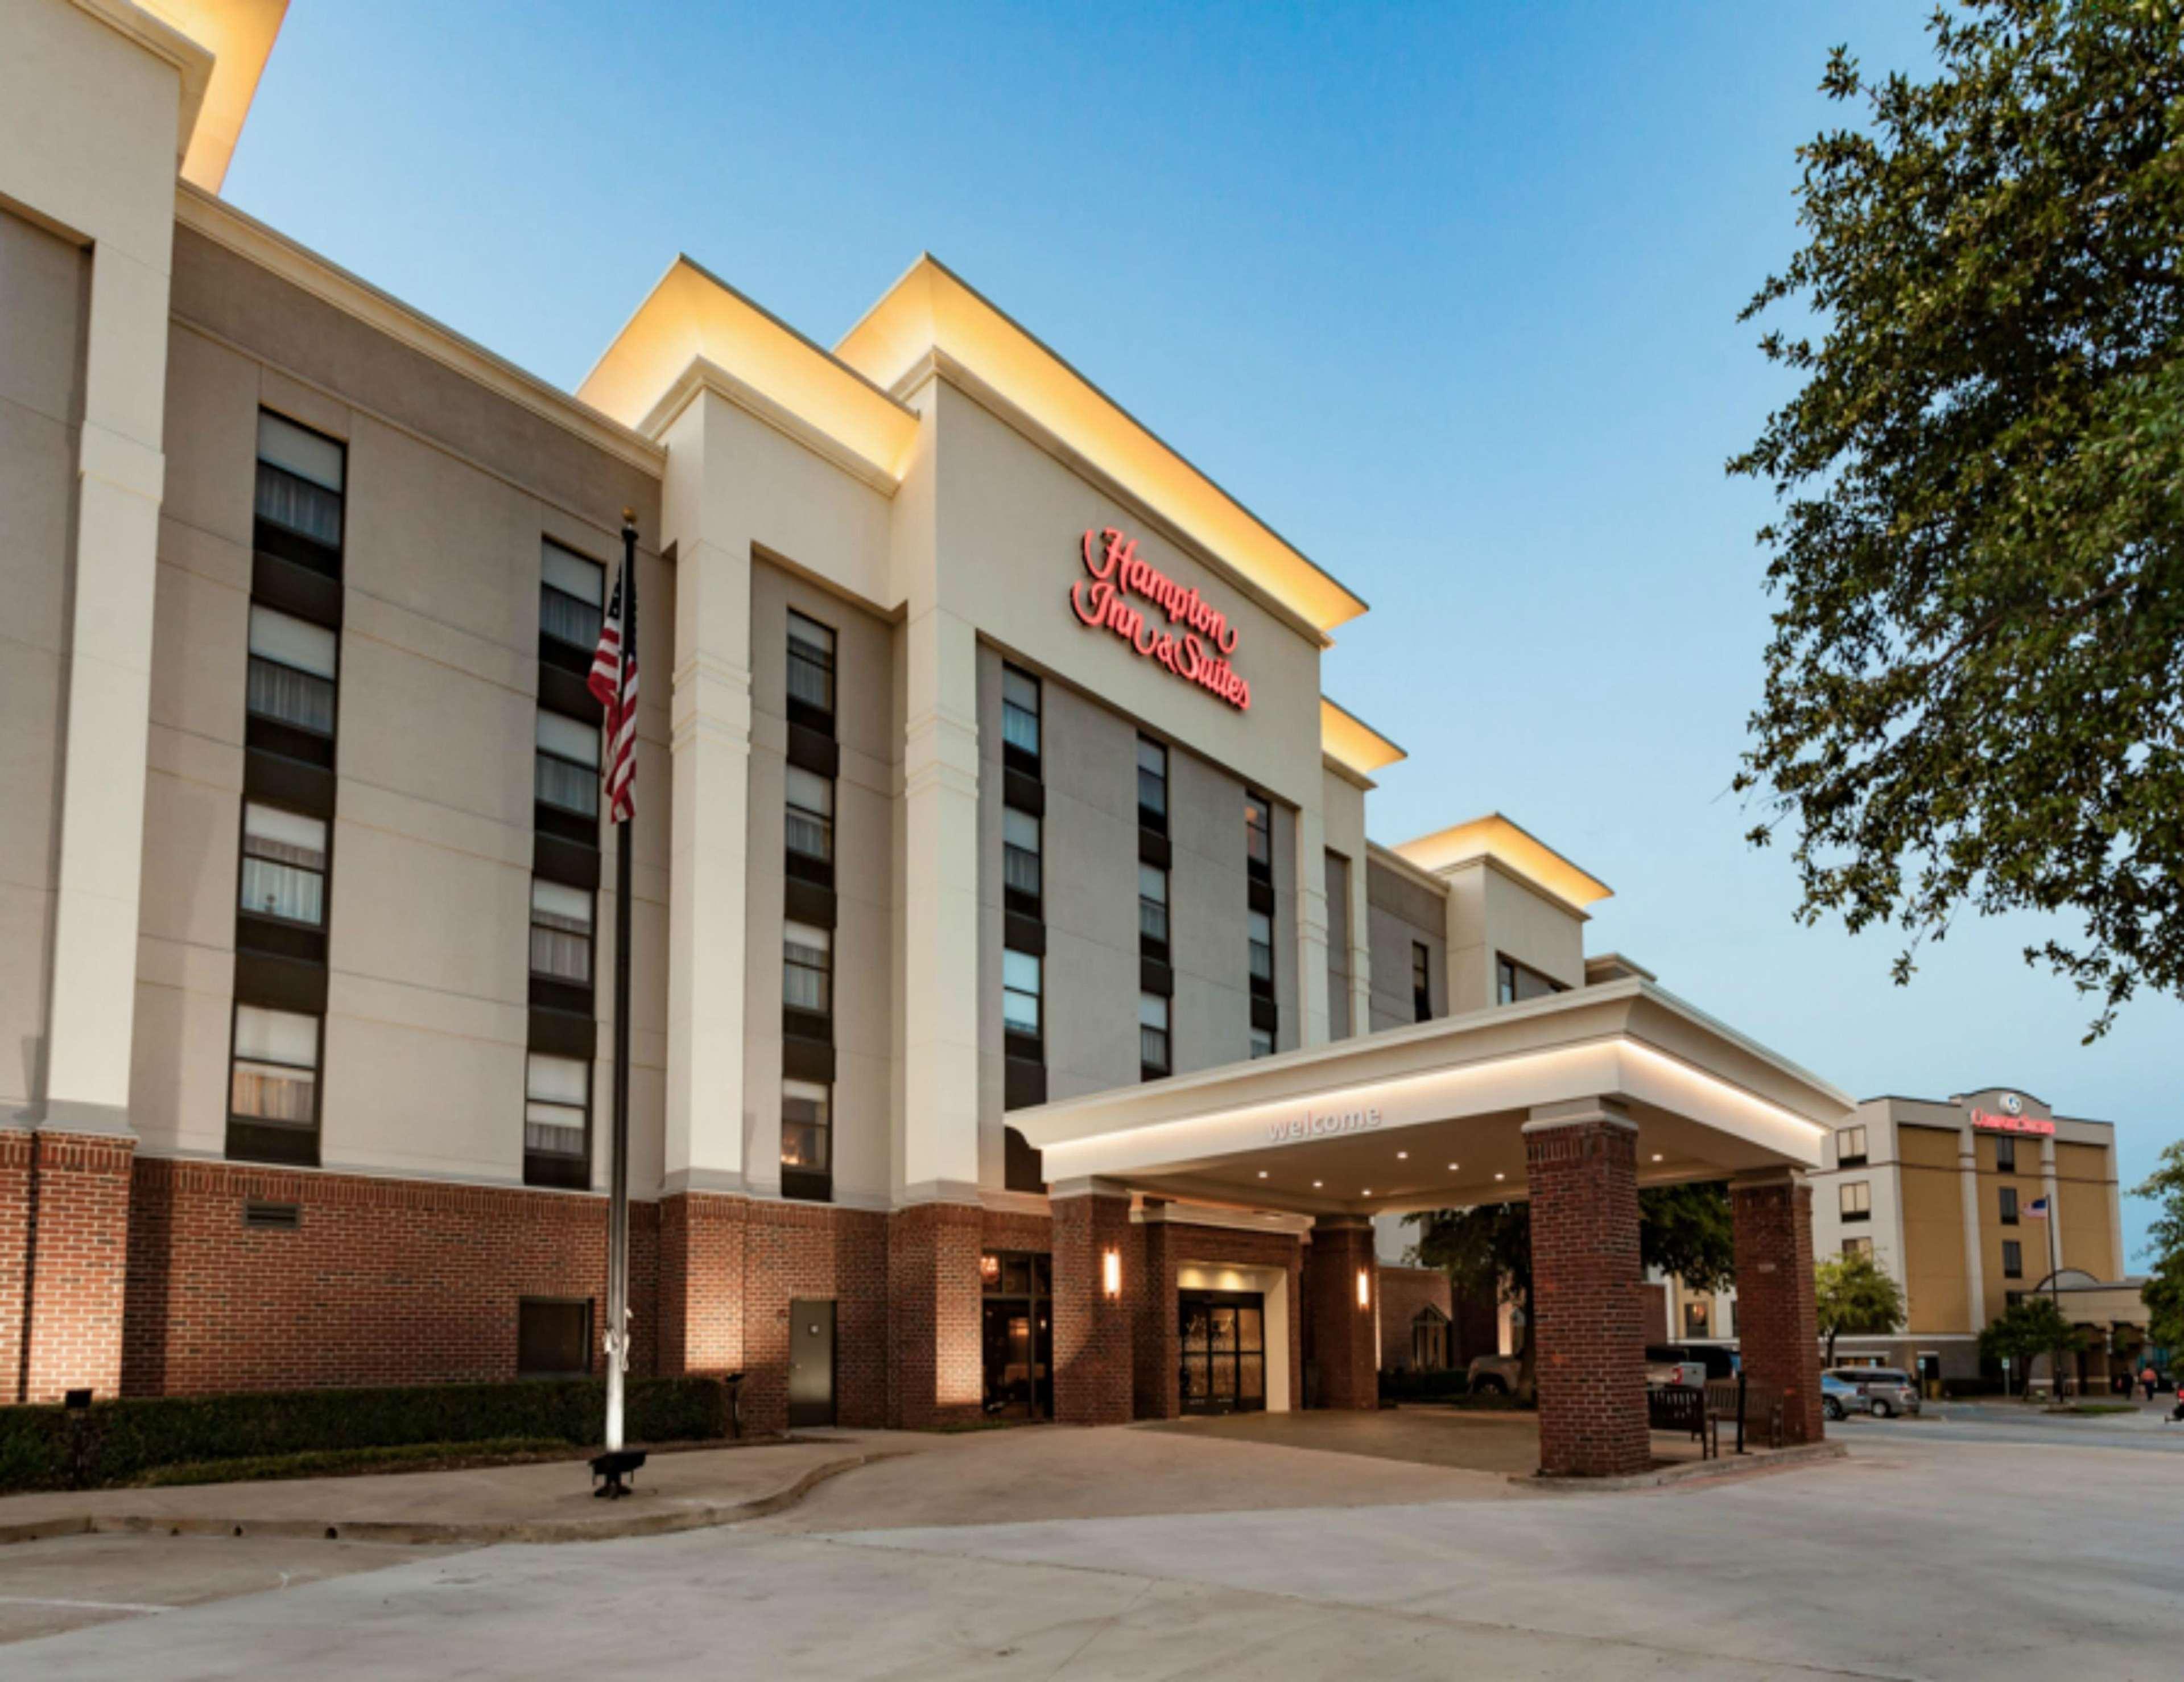 Hampton Inn & Suites Dallas-DFW Airport North-Grapevine in Grapevine, TX, photo #2